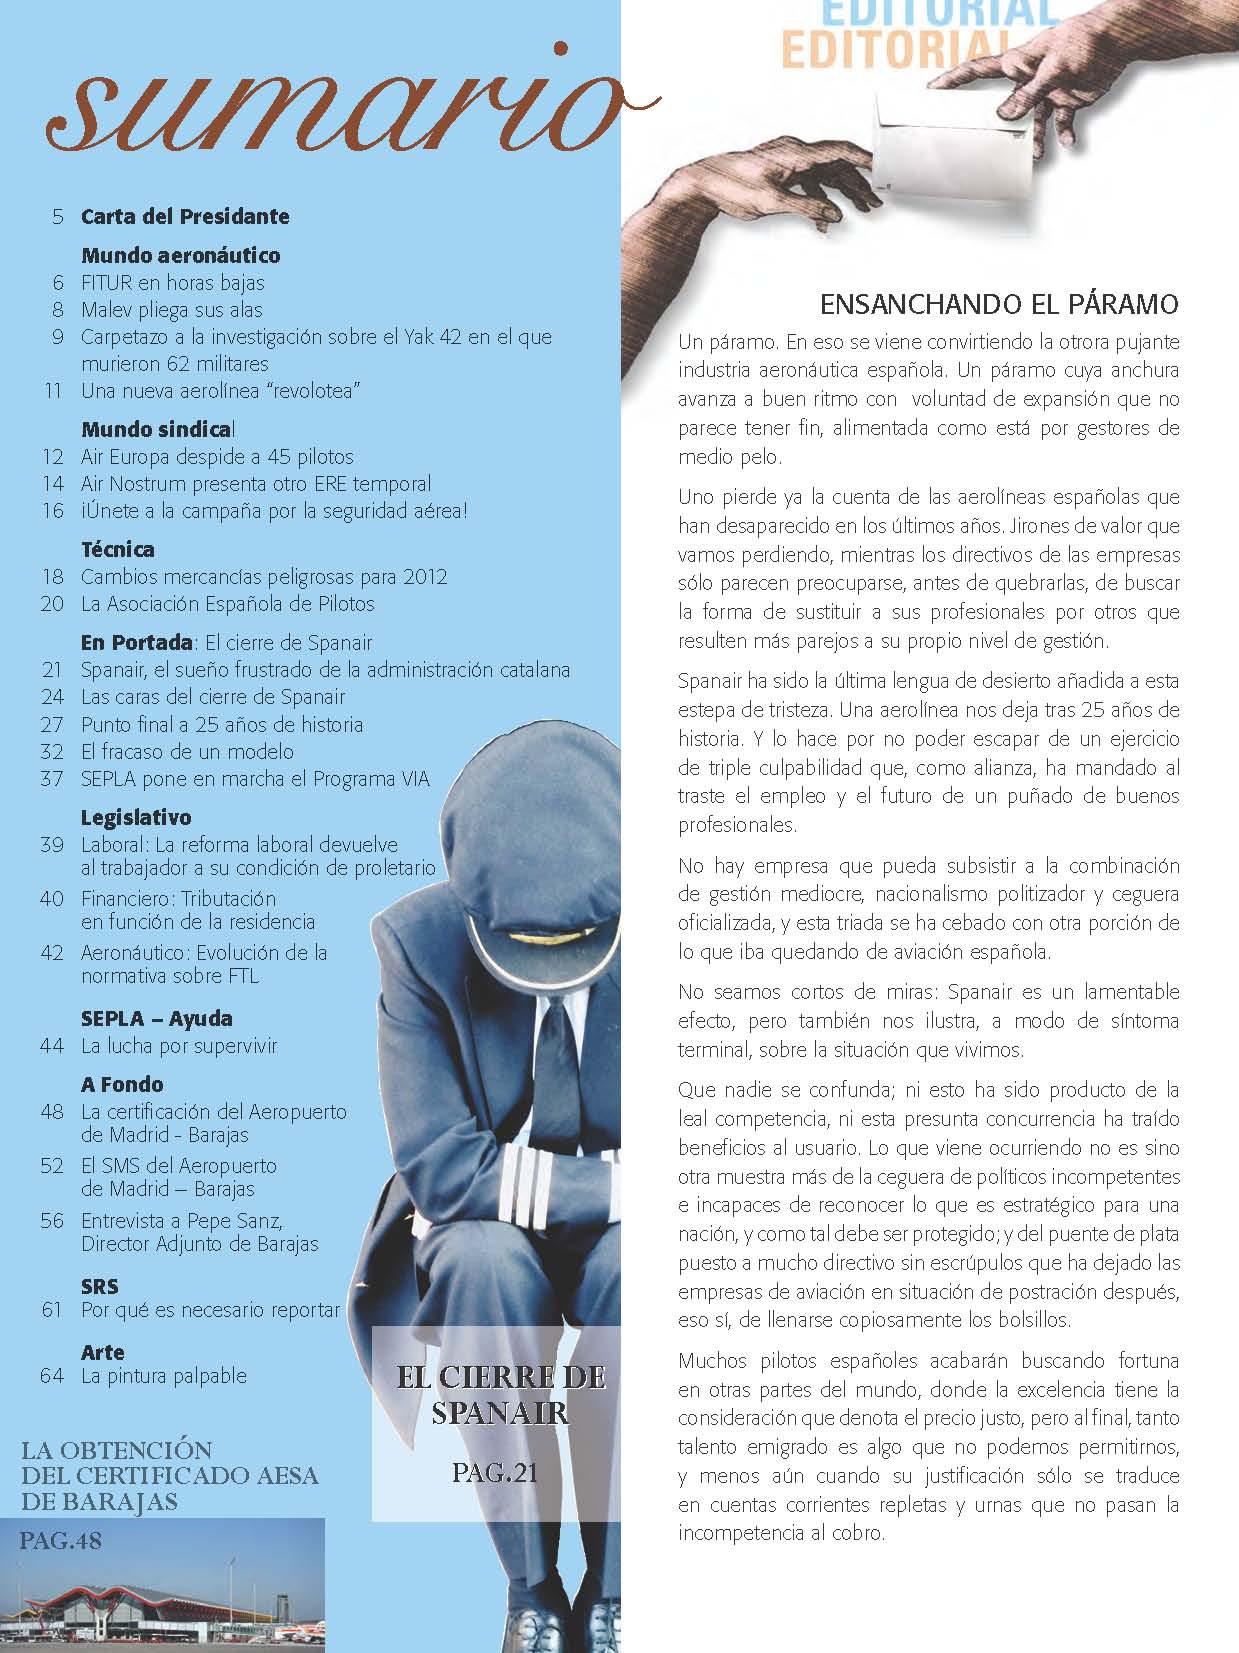 Sumario y editorial nº159 de MACH82